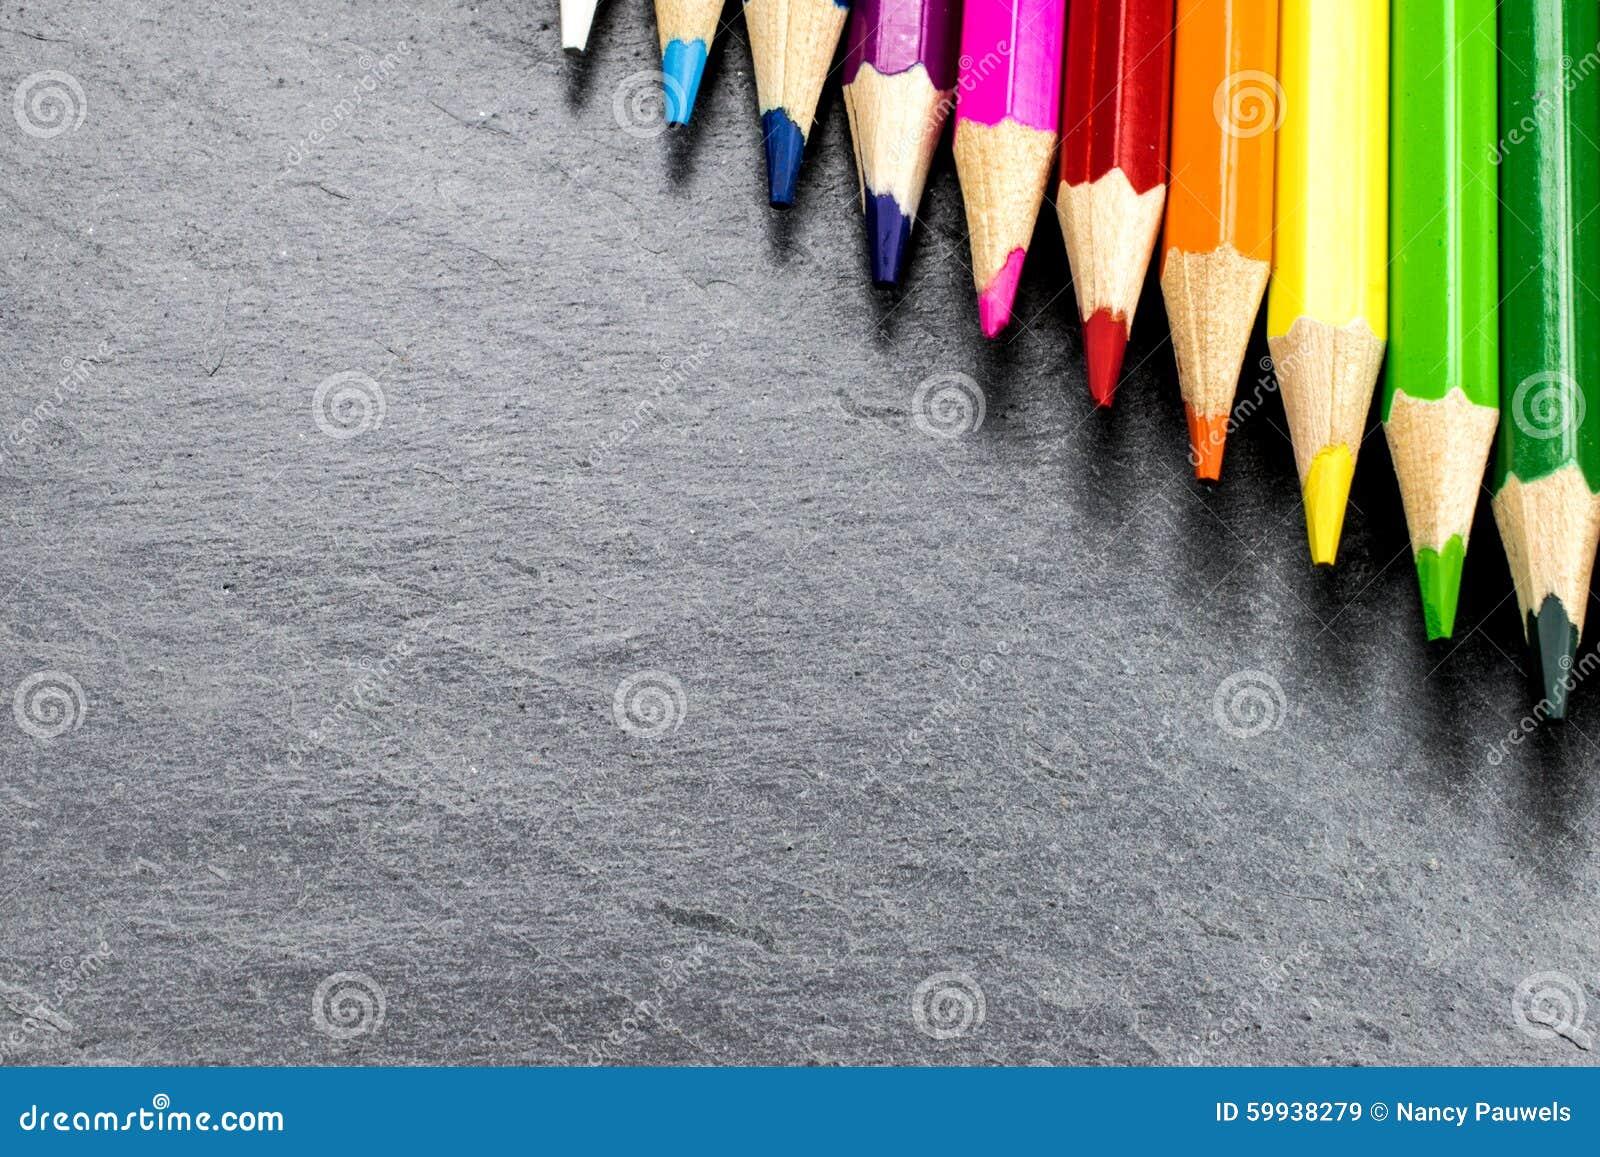 Покрашенные карандаши на шифере